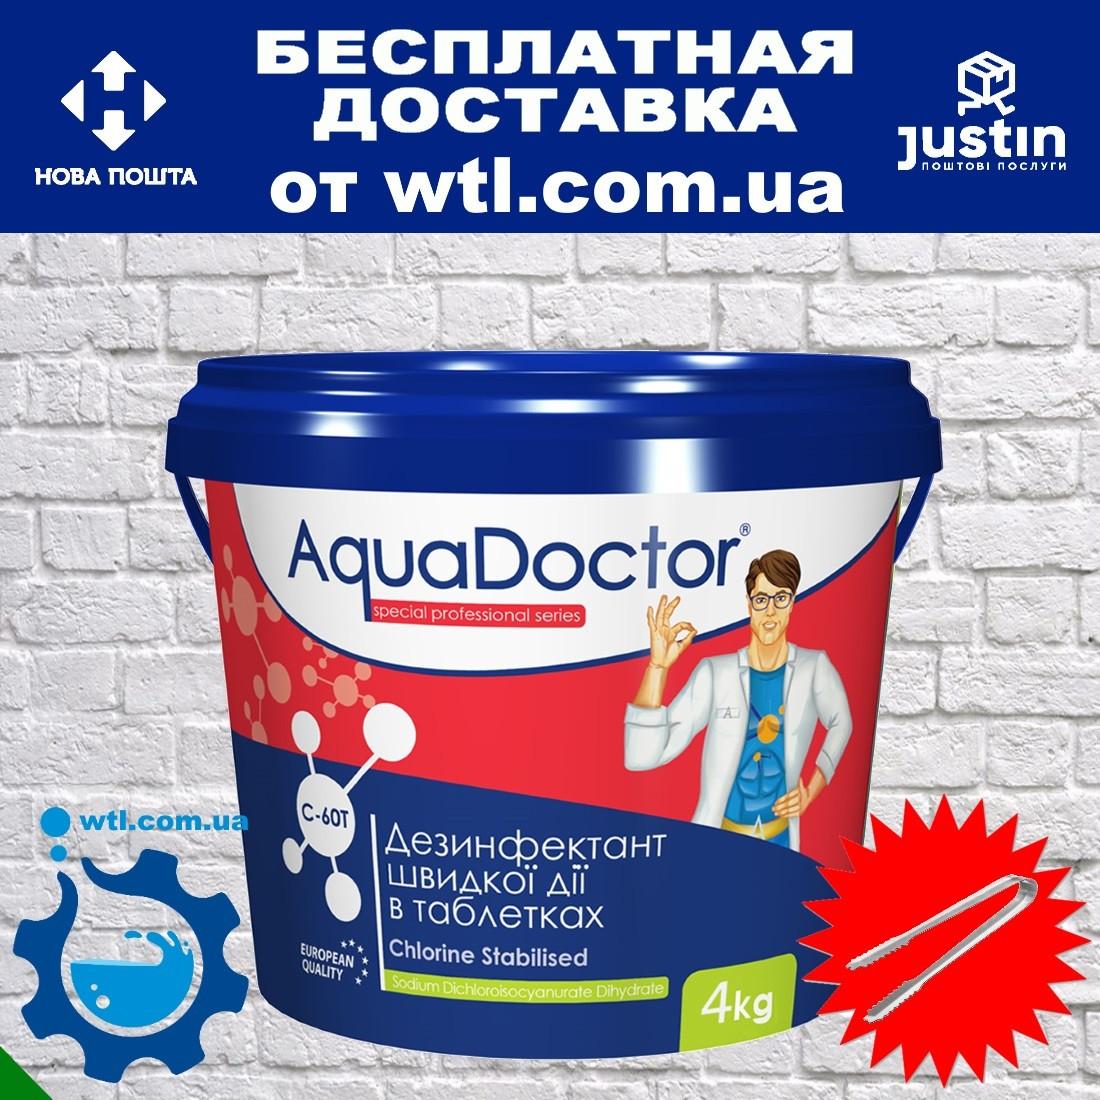 Шок (быстрый) хлор для бассейнов AquaDoctor C-60Т 4 кг маленькие таблетки для бассейна Аквадоктор